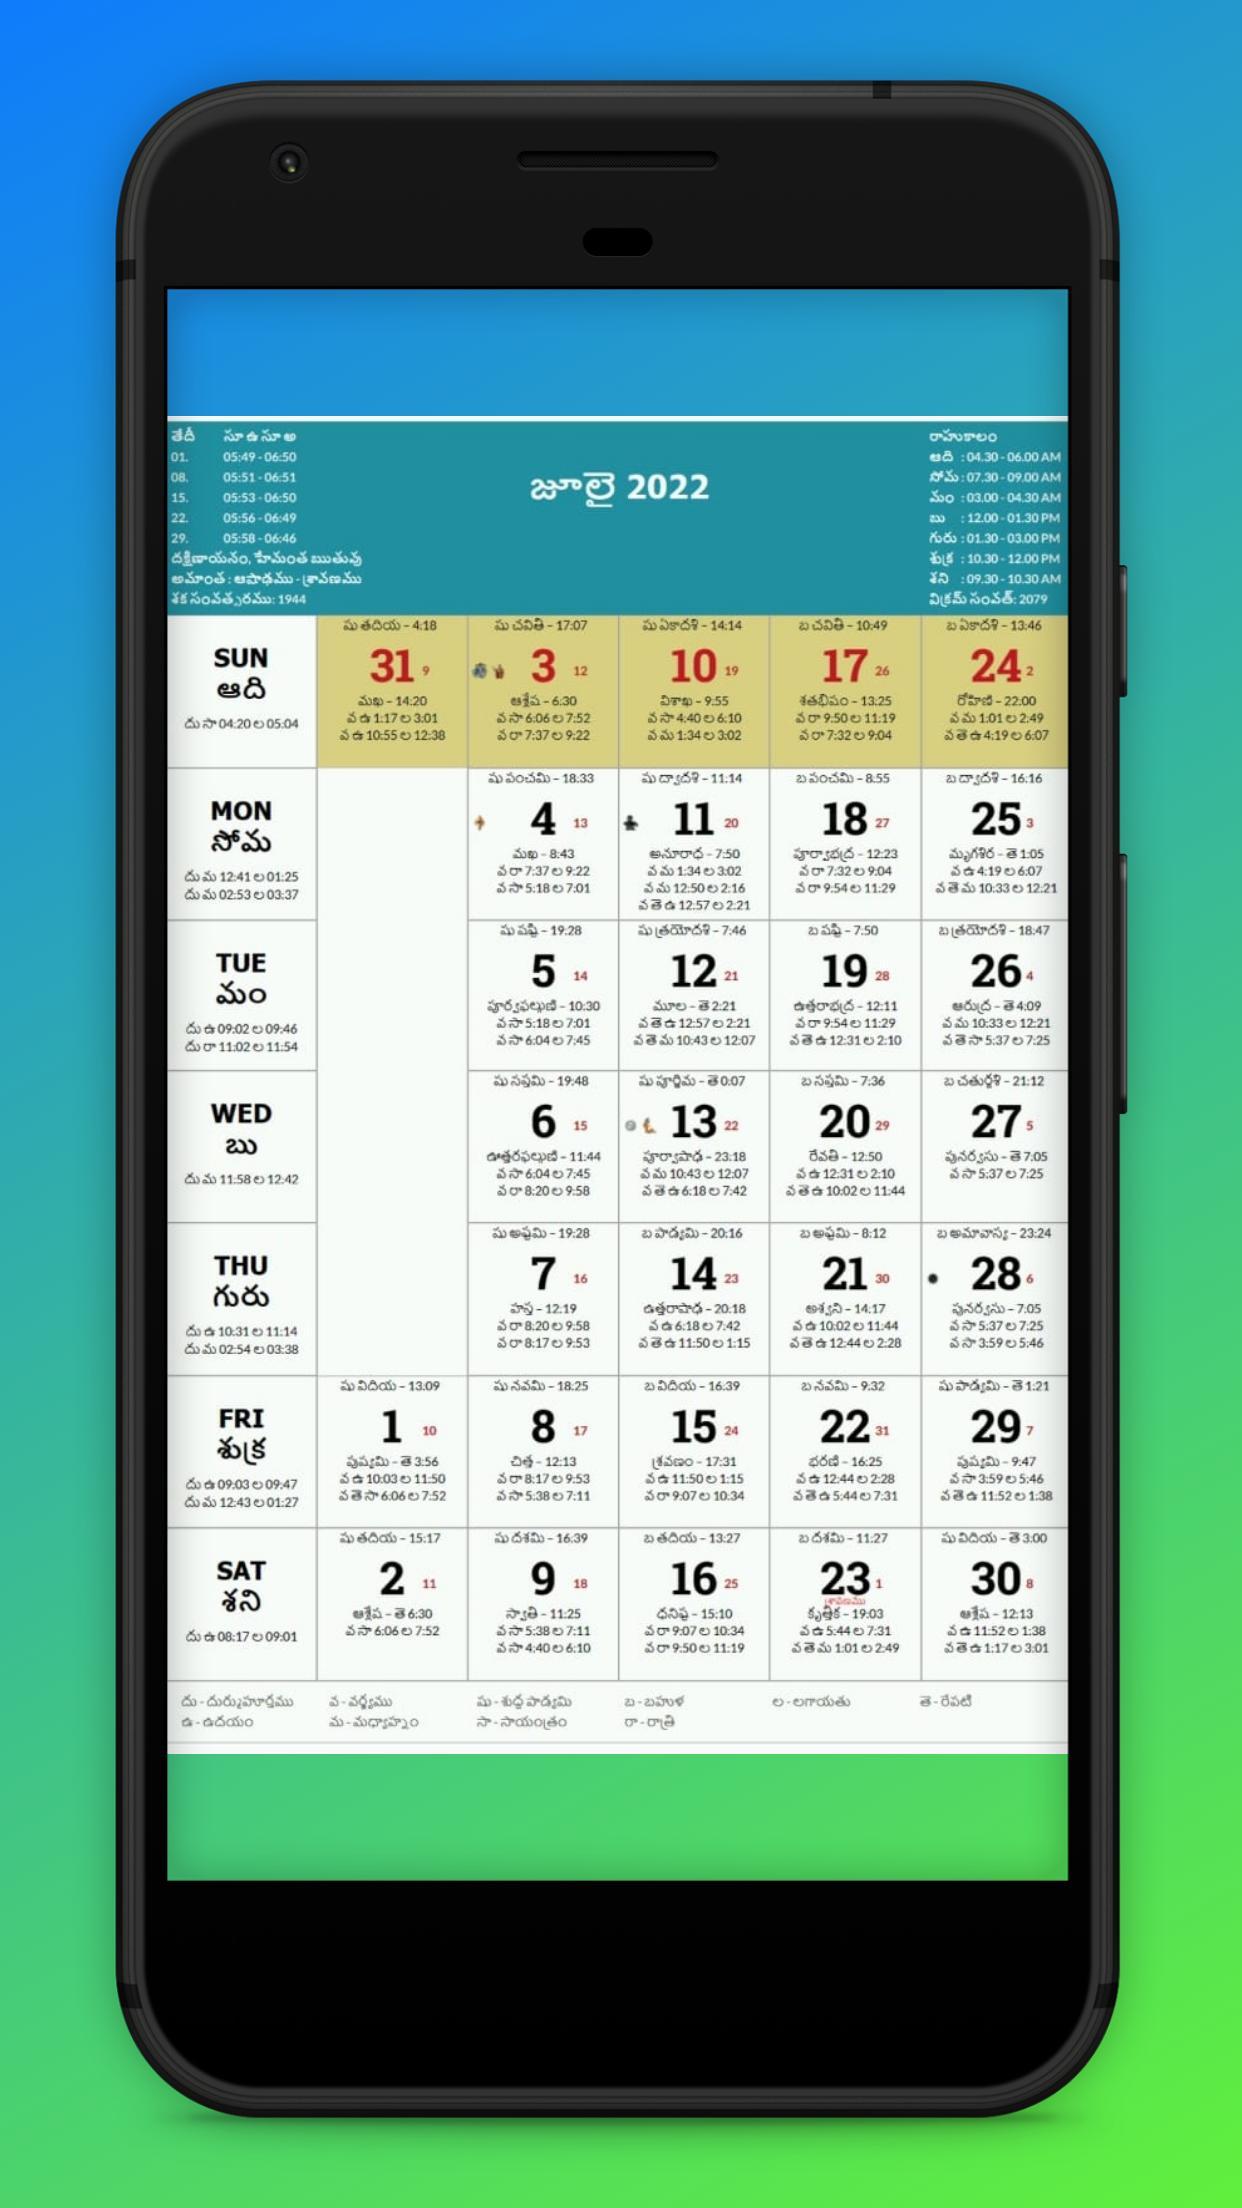 Usa Telugu Calendar 2022.Telugu Calendar 2022 With Festivals For Android Apk Download